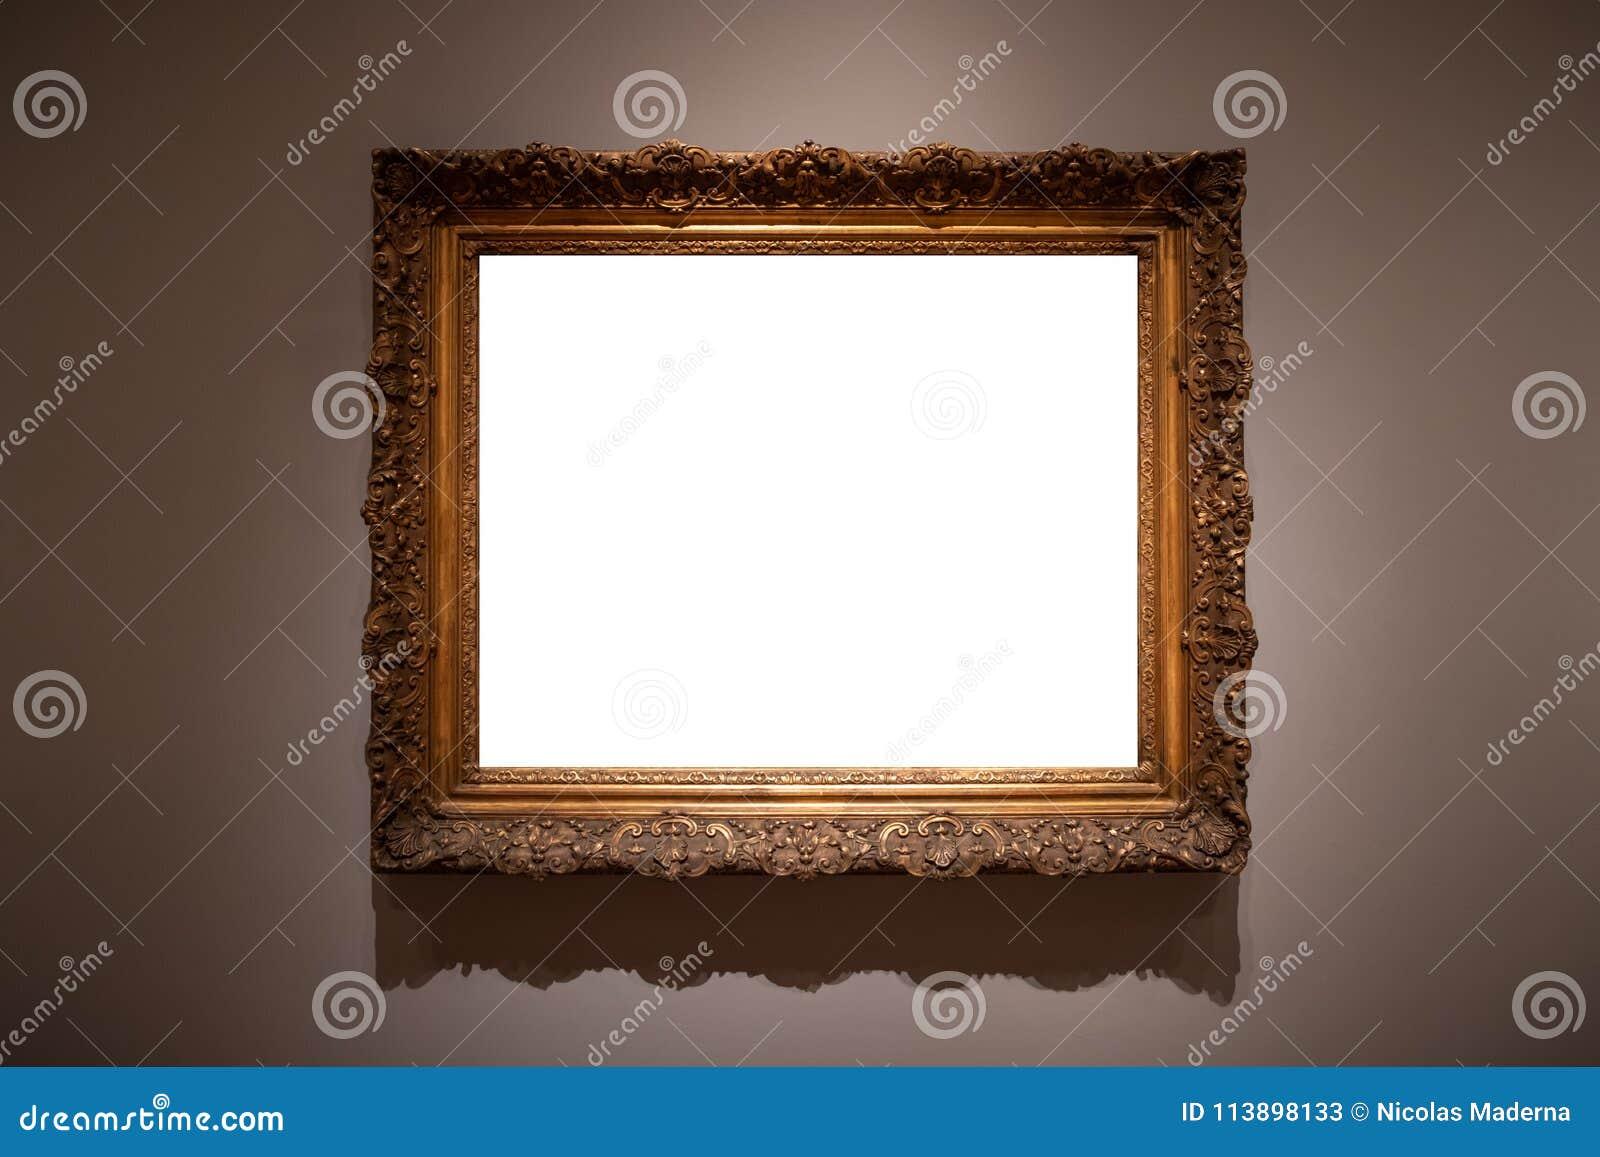 Aufwändiges Bilderrahmen-Art Gallery Museum Exhibit Blank-Weiß ...